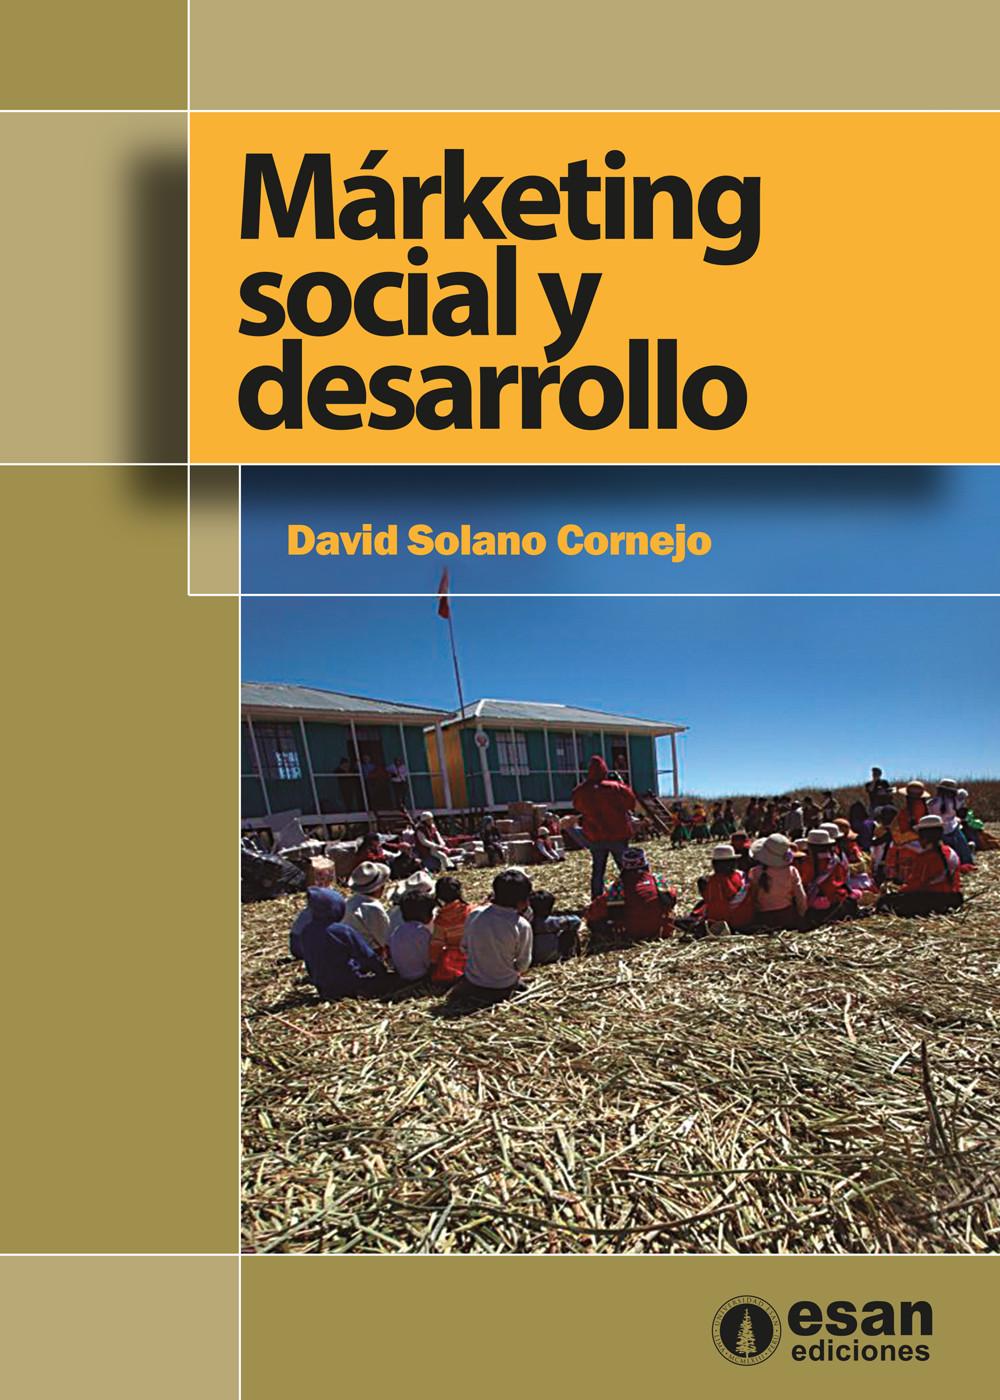 Marketing social y desarrollo